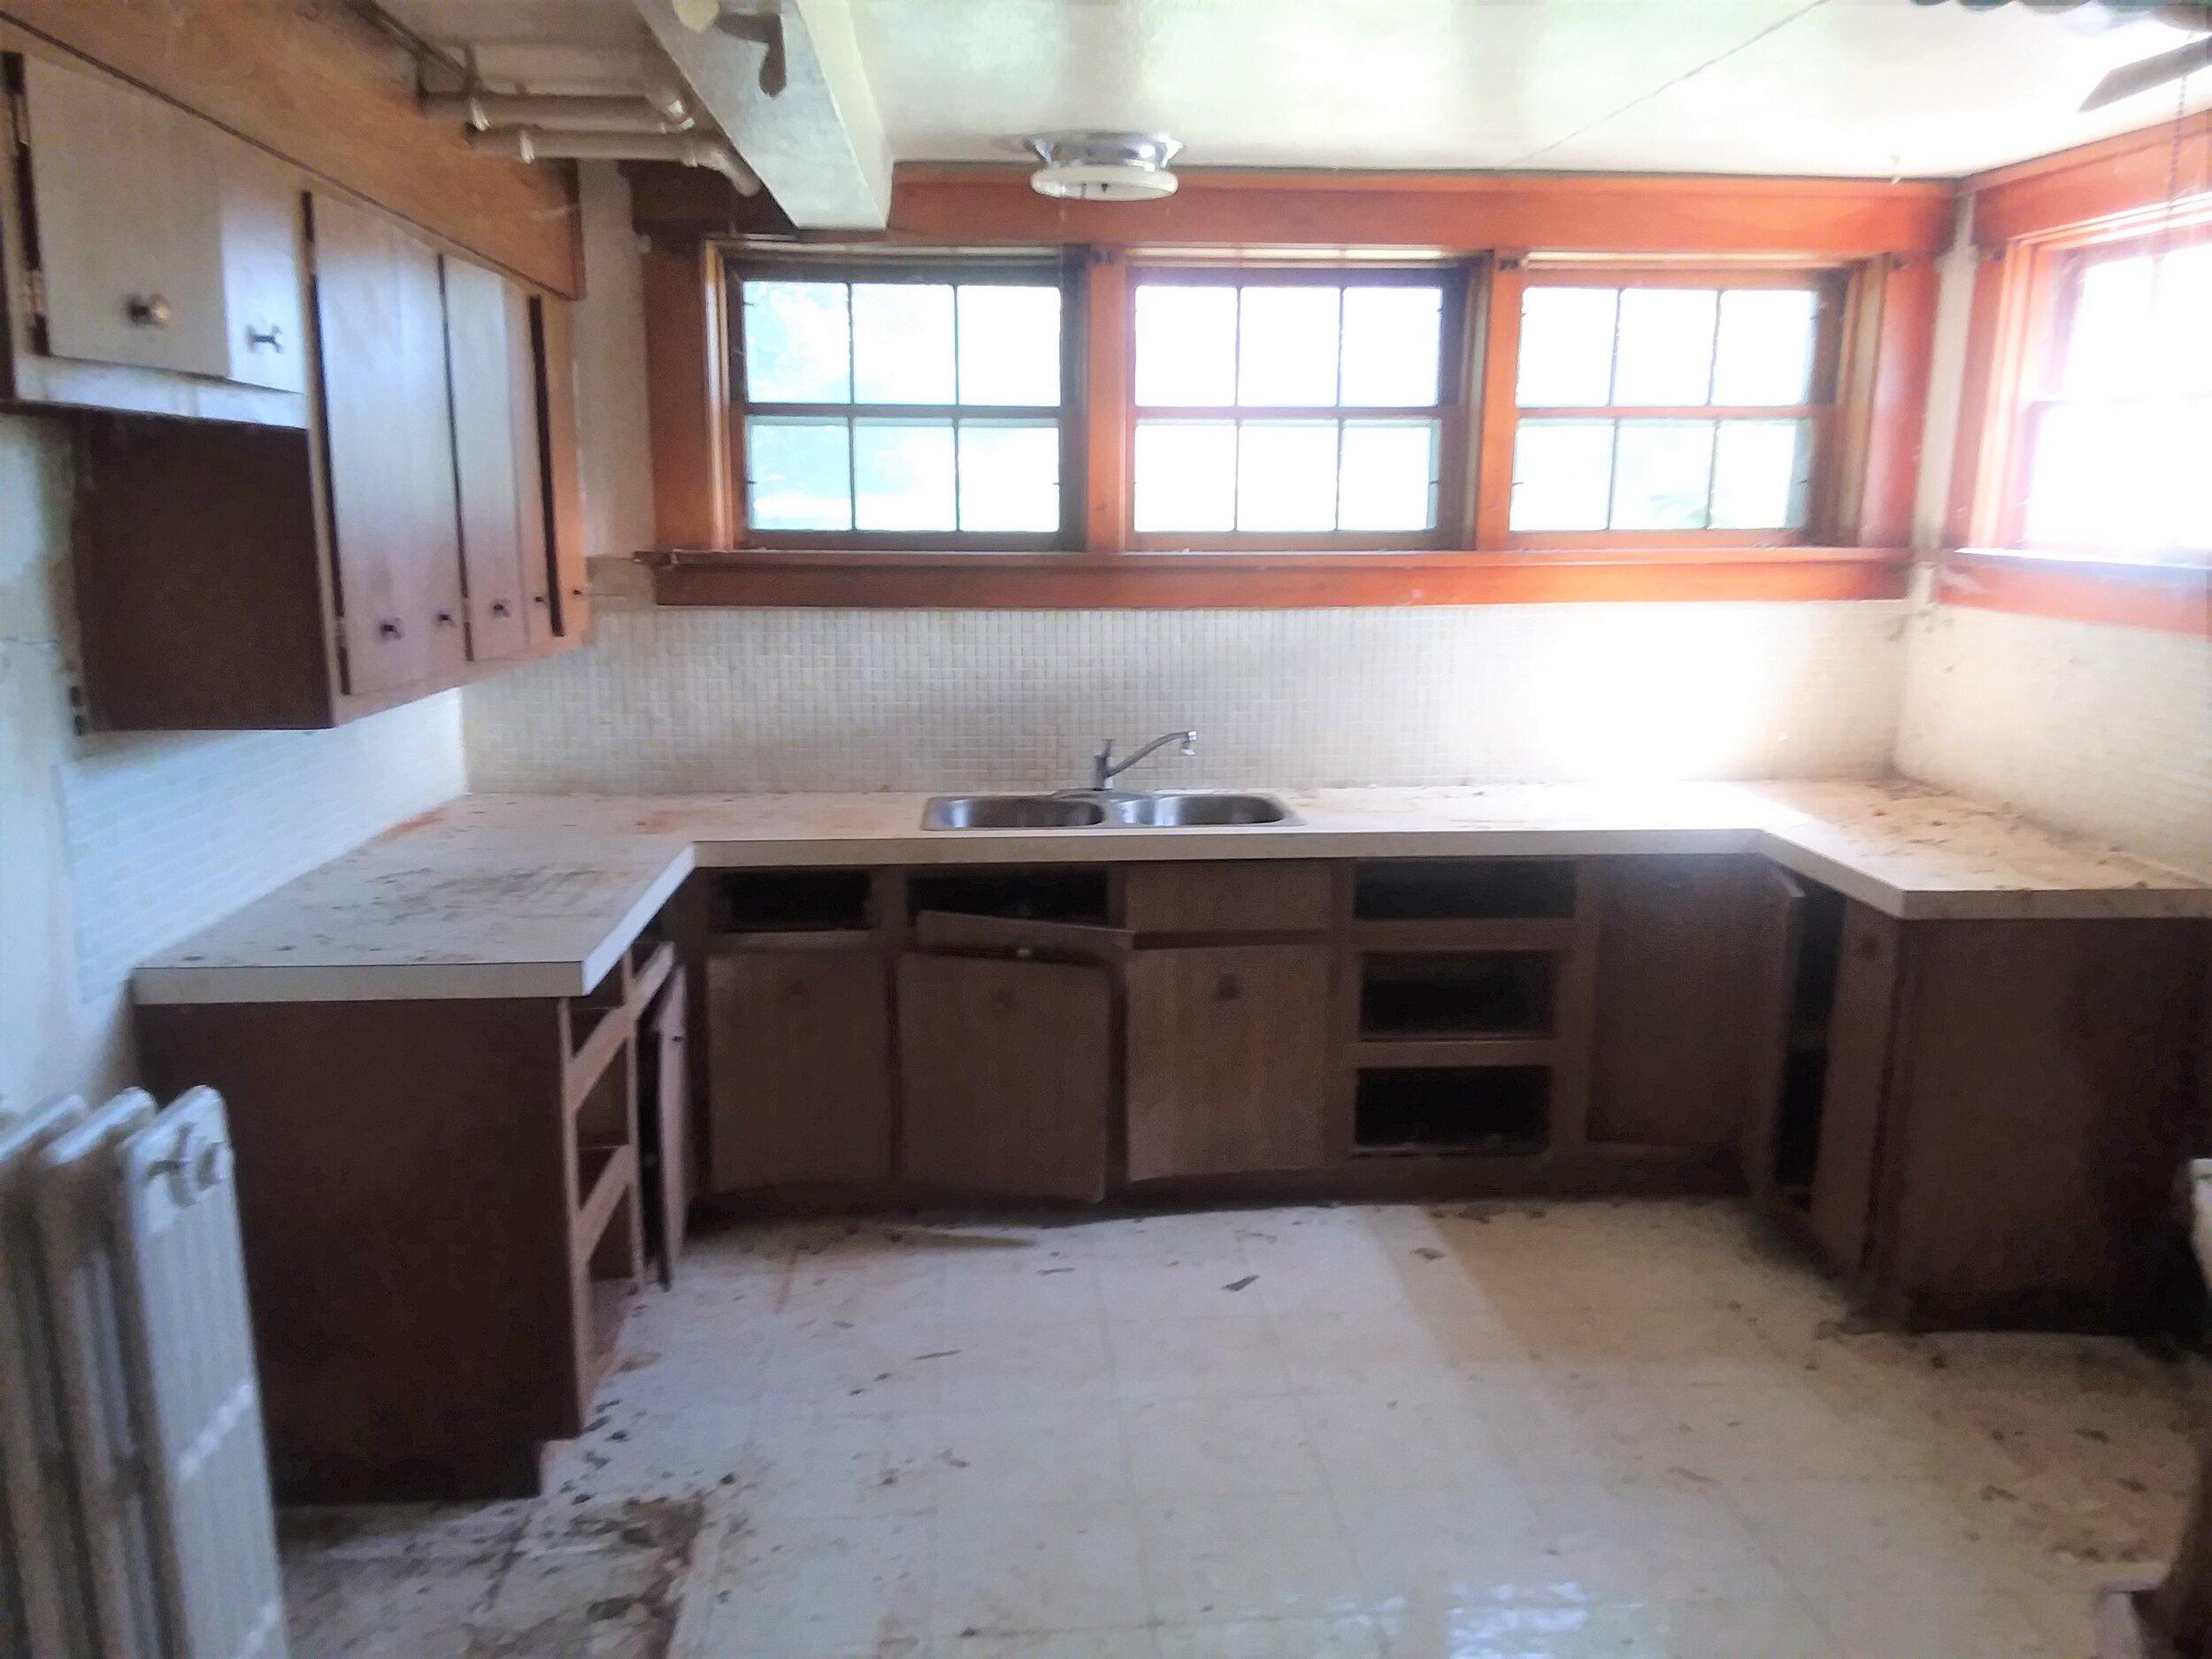 kitchen in basement.jpg